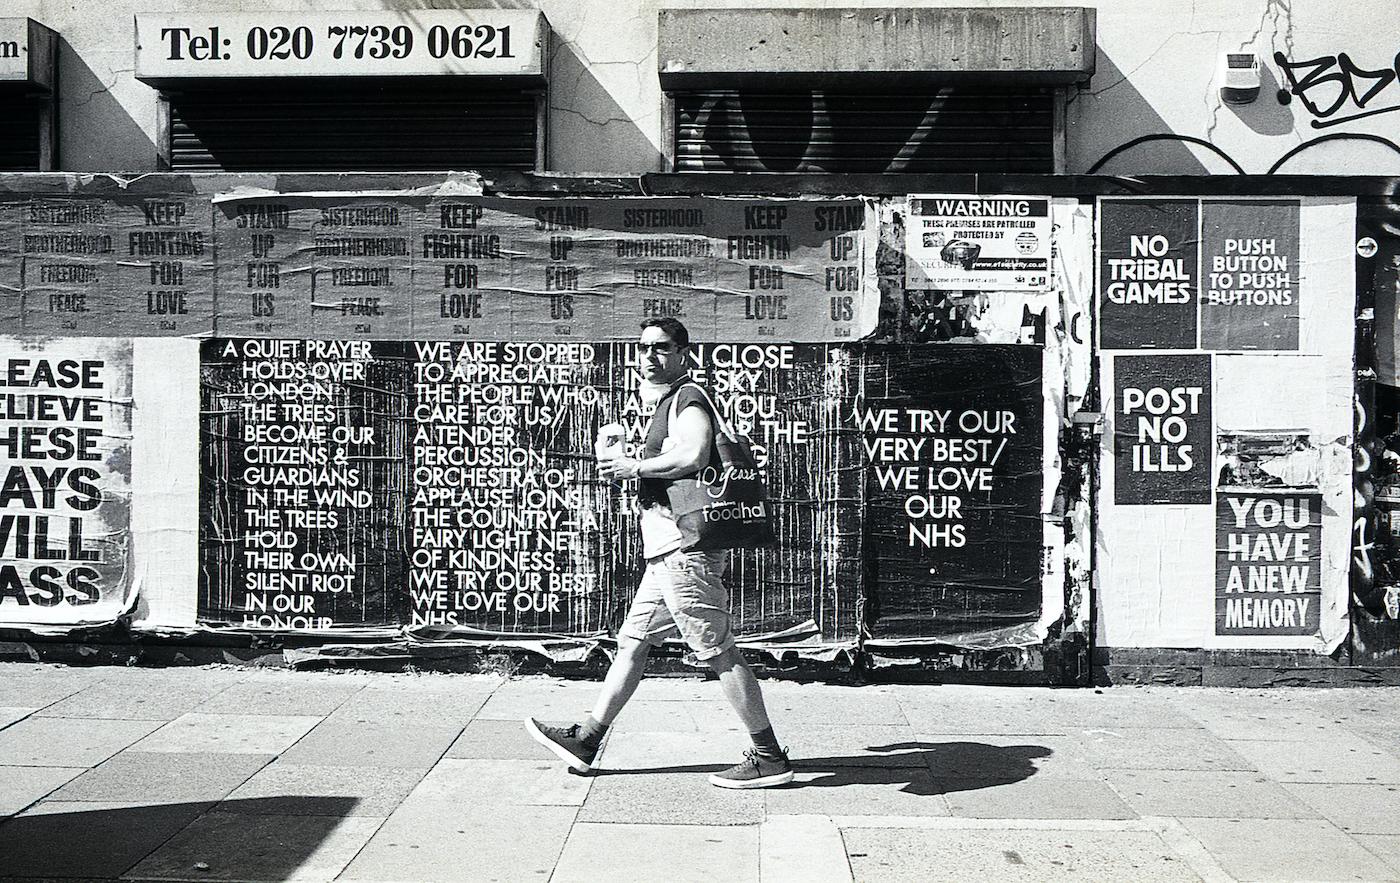 歩いてる人の後ろにはコロナによって起こったこの状況に対しての沢山のメッセージがポスターに書かれている。